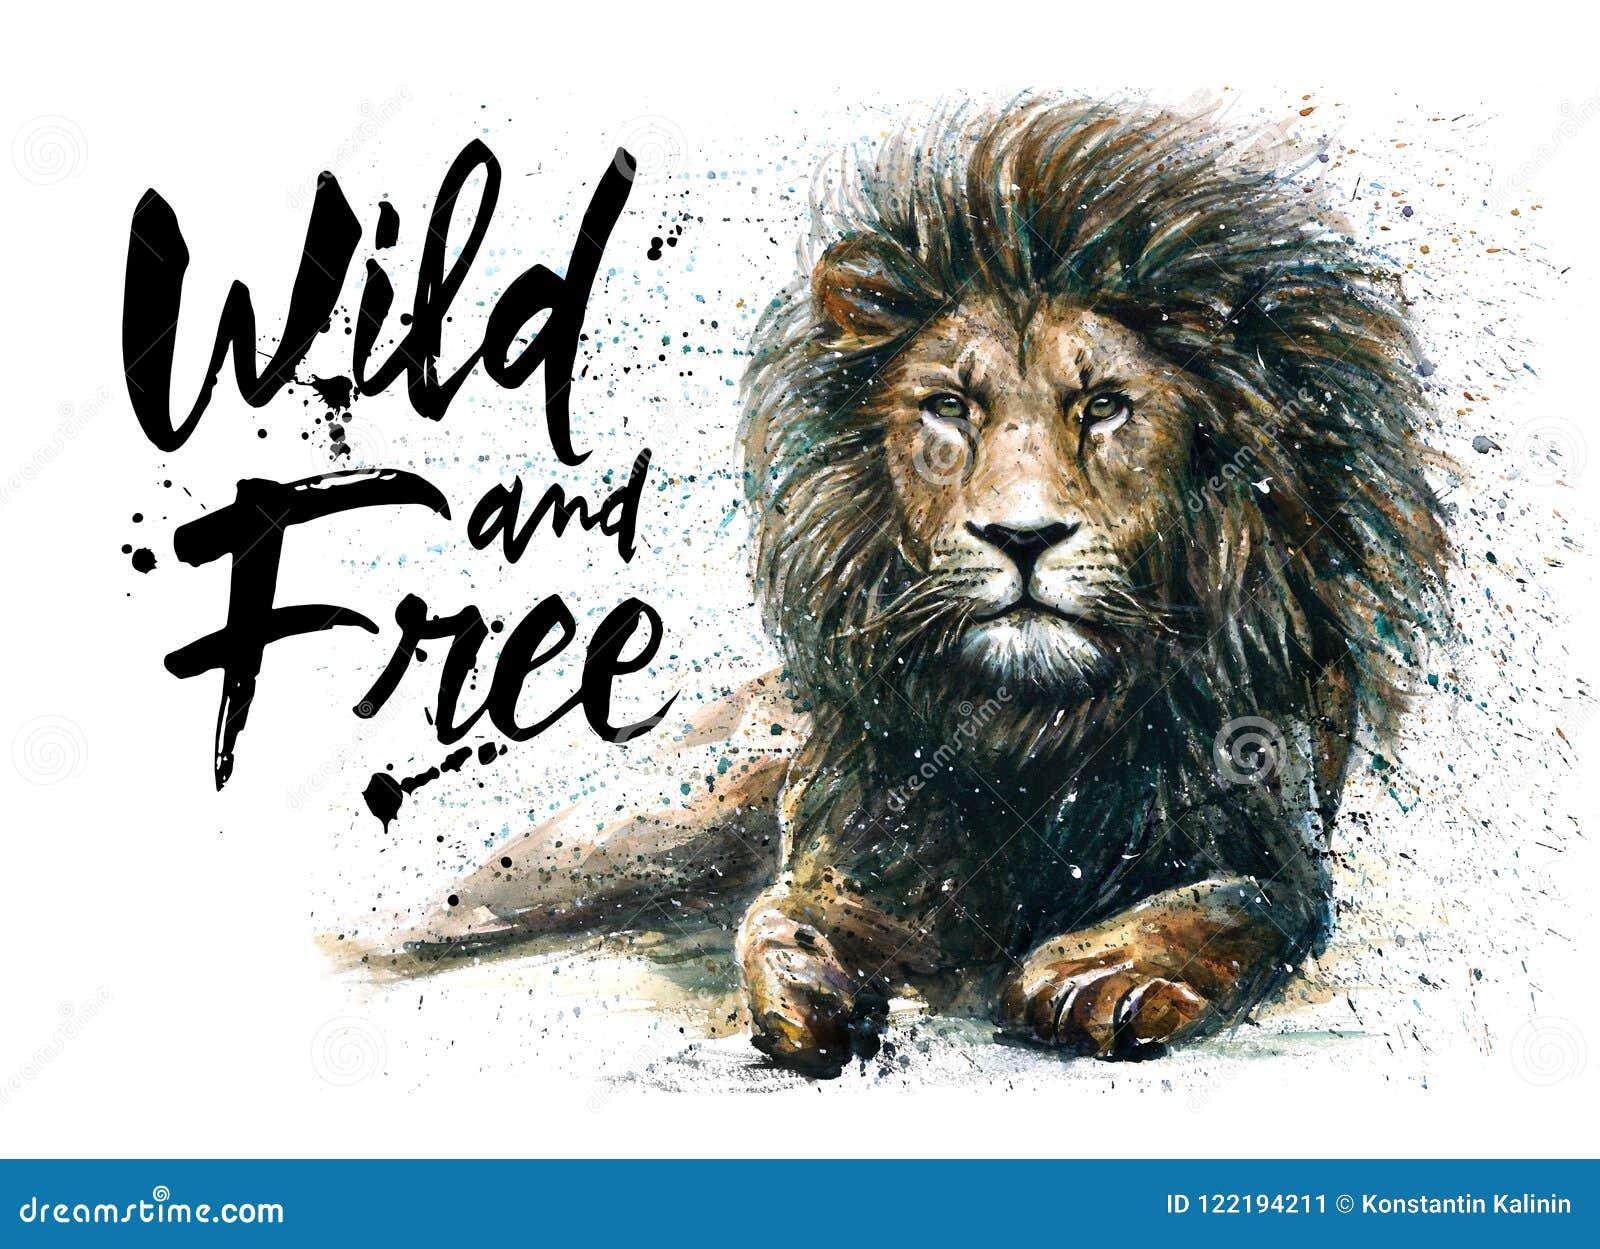 Królewiątko, akwarela obraz, drapieżnik zwierzęta, przyroda obraz